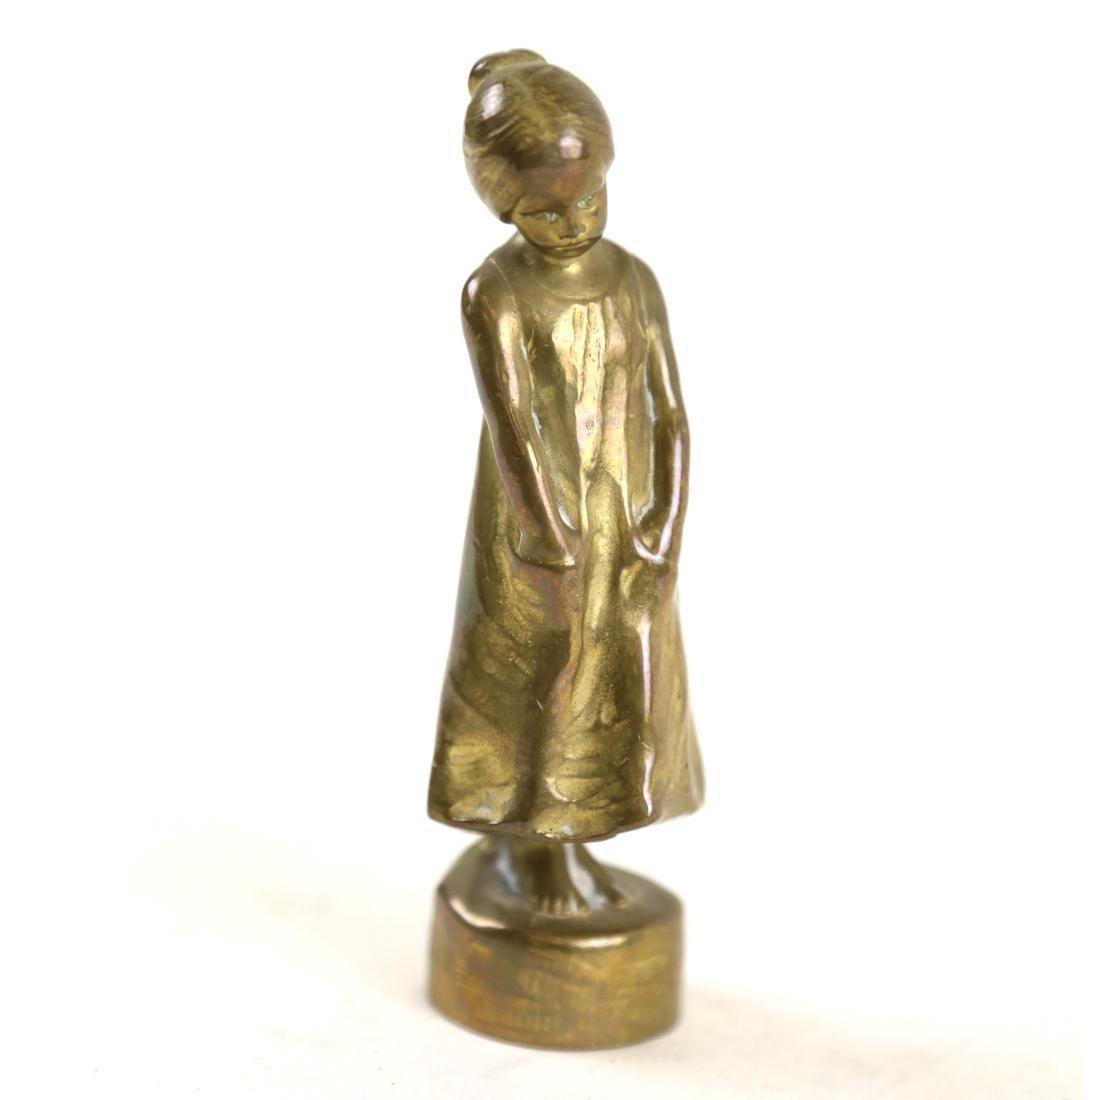 Paul Terezchuk Miniature Sculpture of a Girl